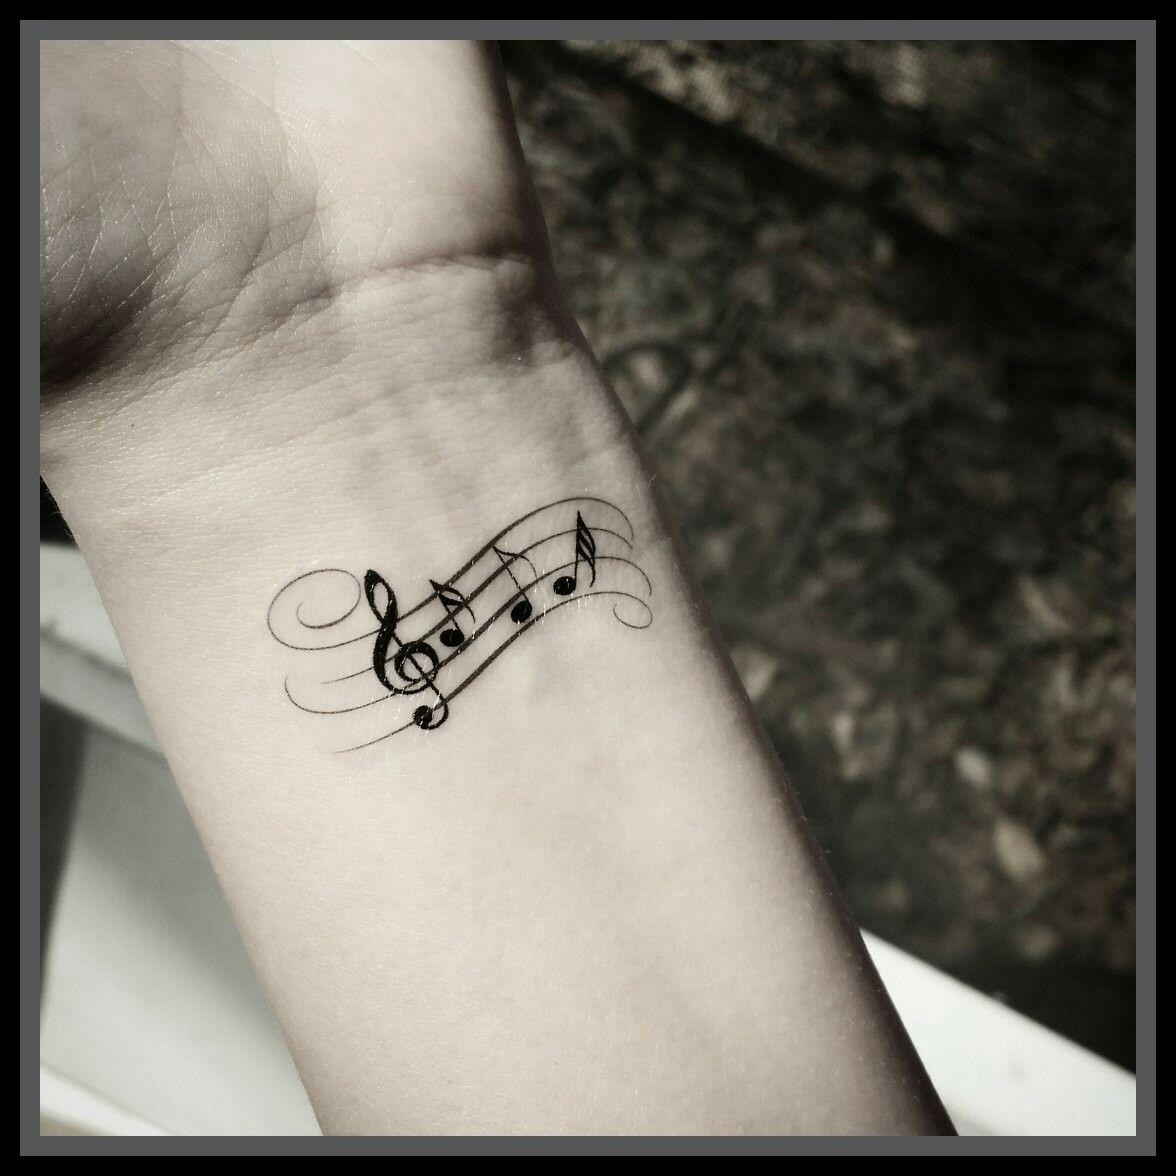 pin von erika sylvester auf tattoo pinterest tattoo ideen zentangle zeichnungen und ausdrucken. Black Bedroom Furniture Sets. Home Design Ideas